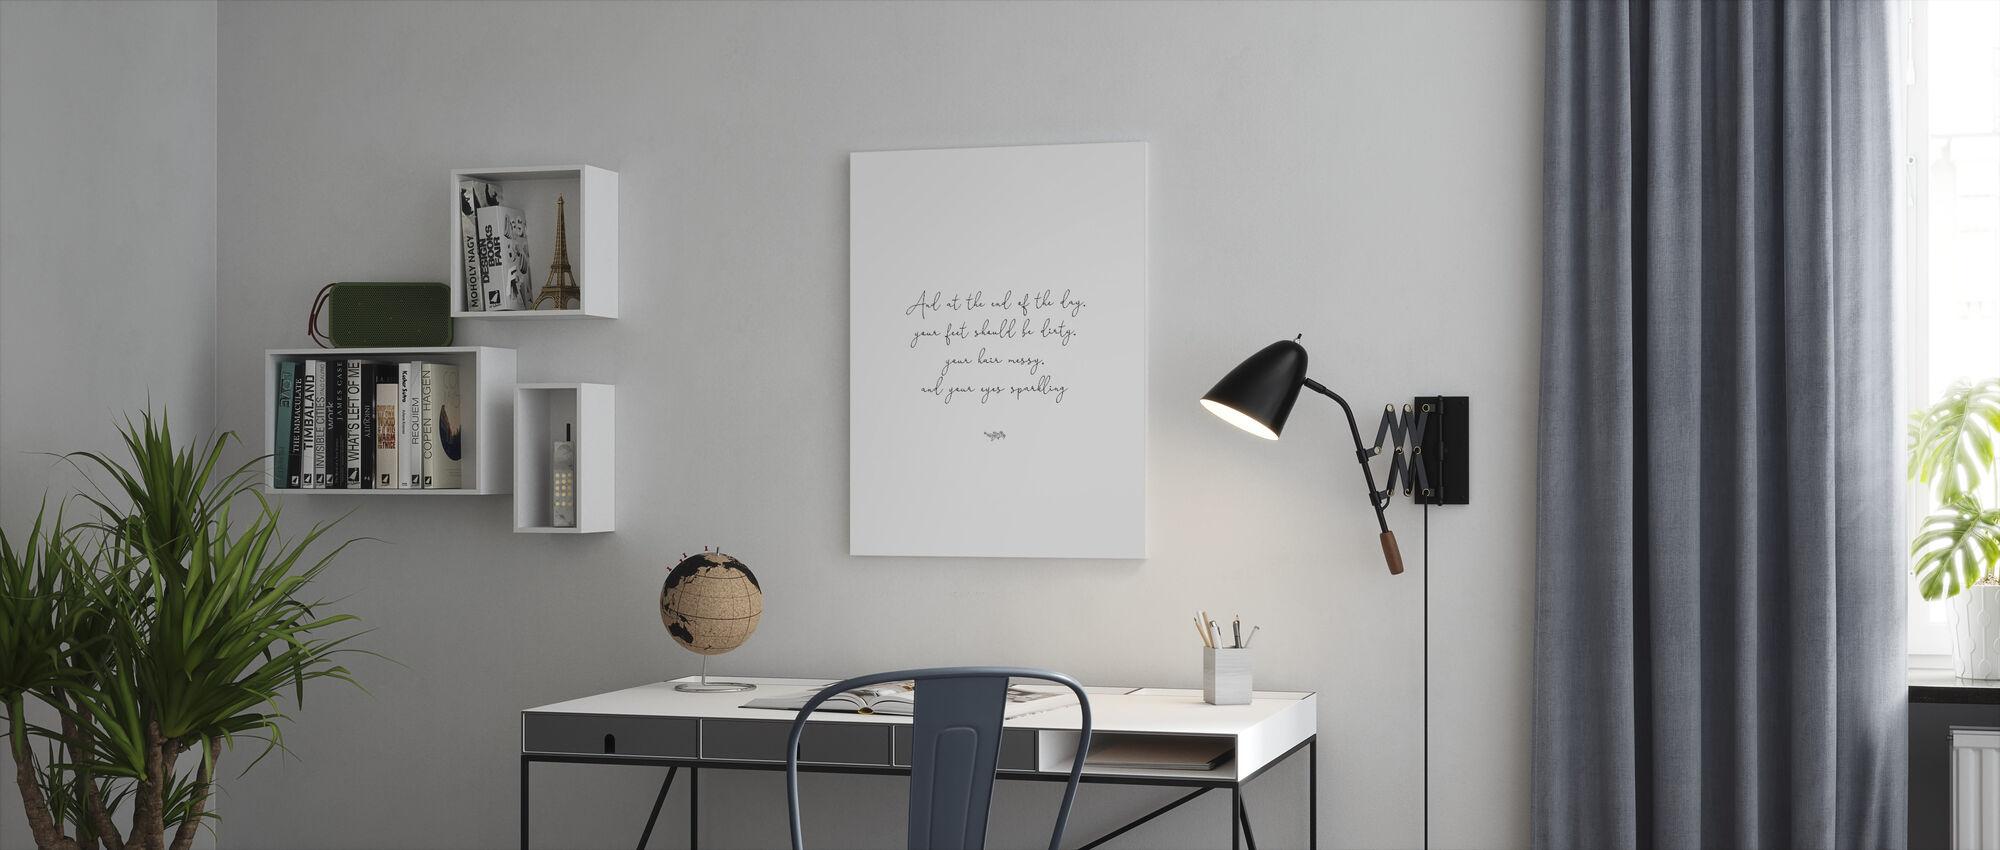 Vuile voetjes - Canvas print - Kantoor